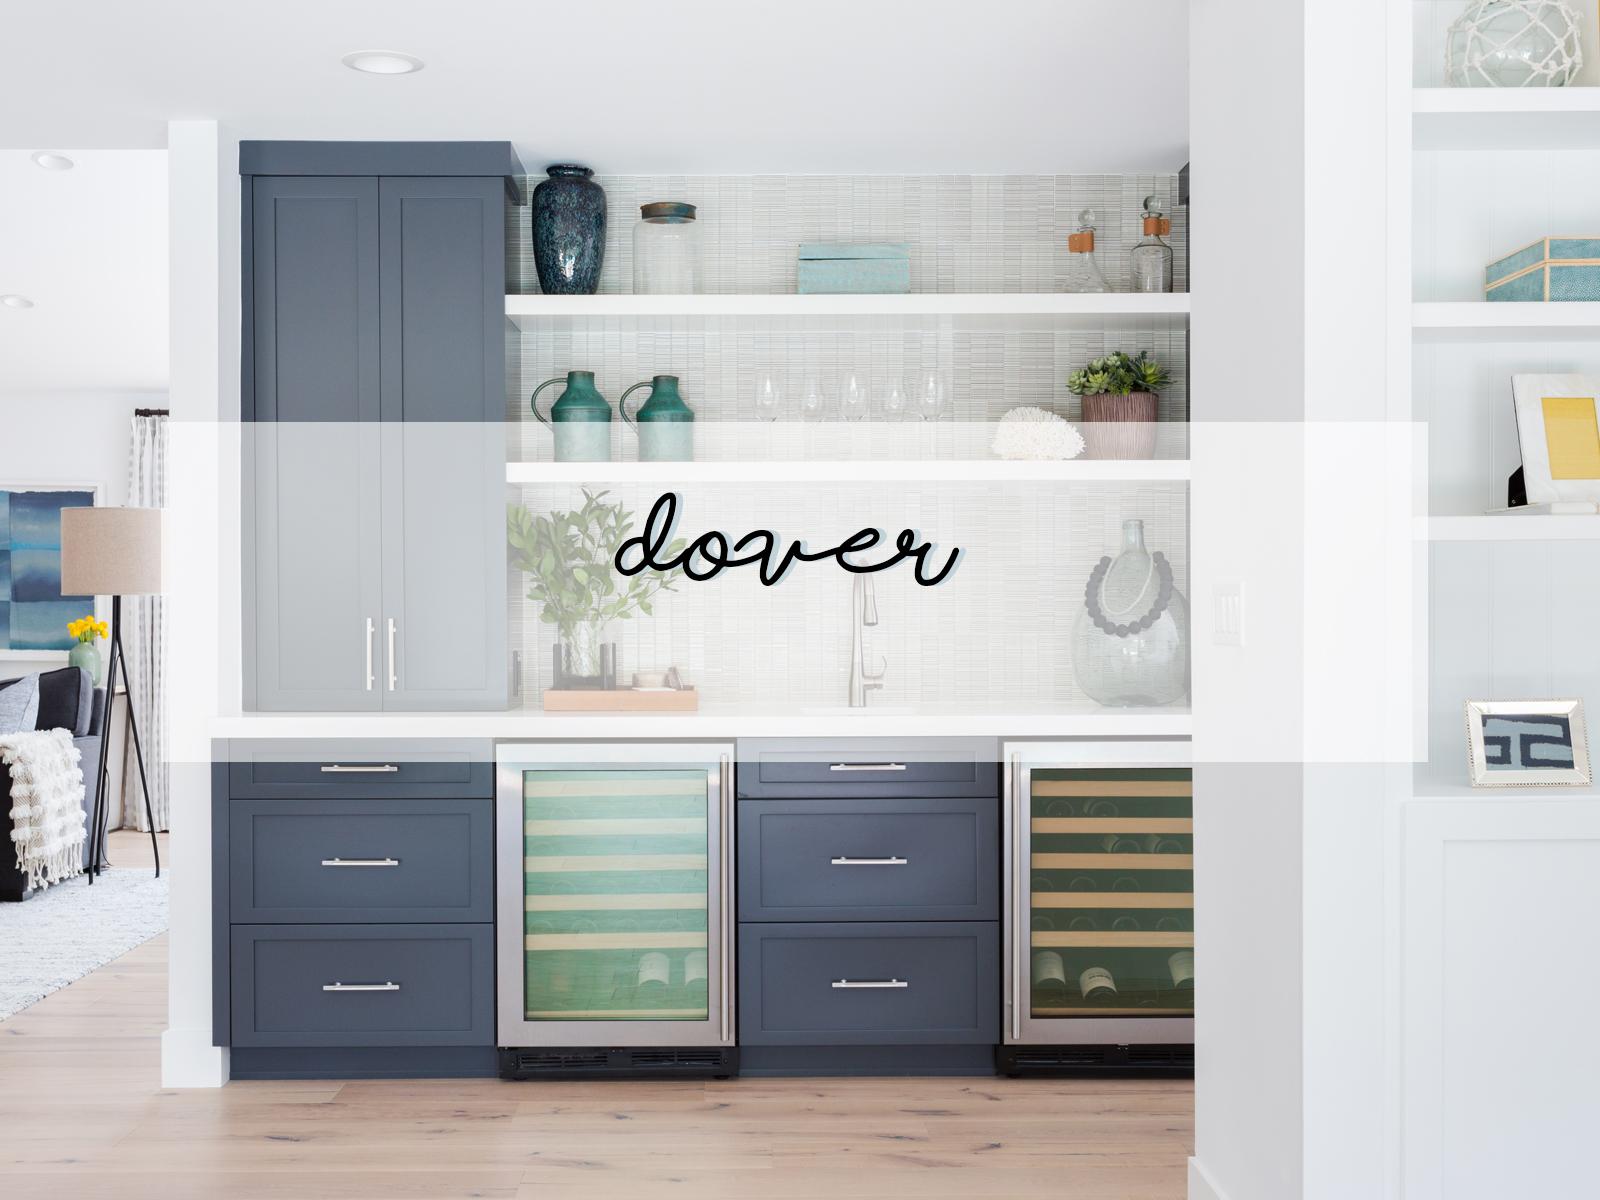 blackband_design_project_dover_cover